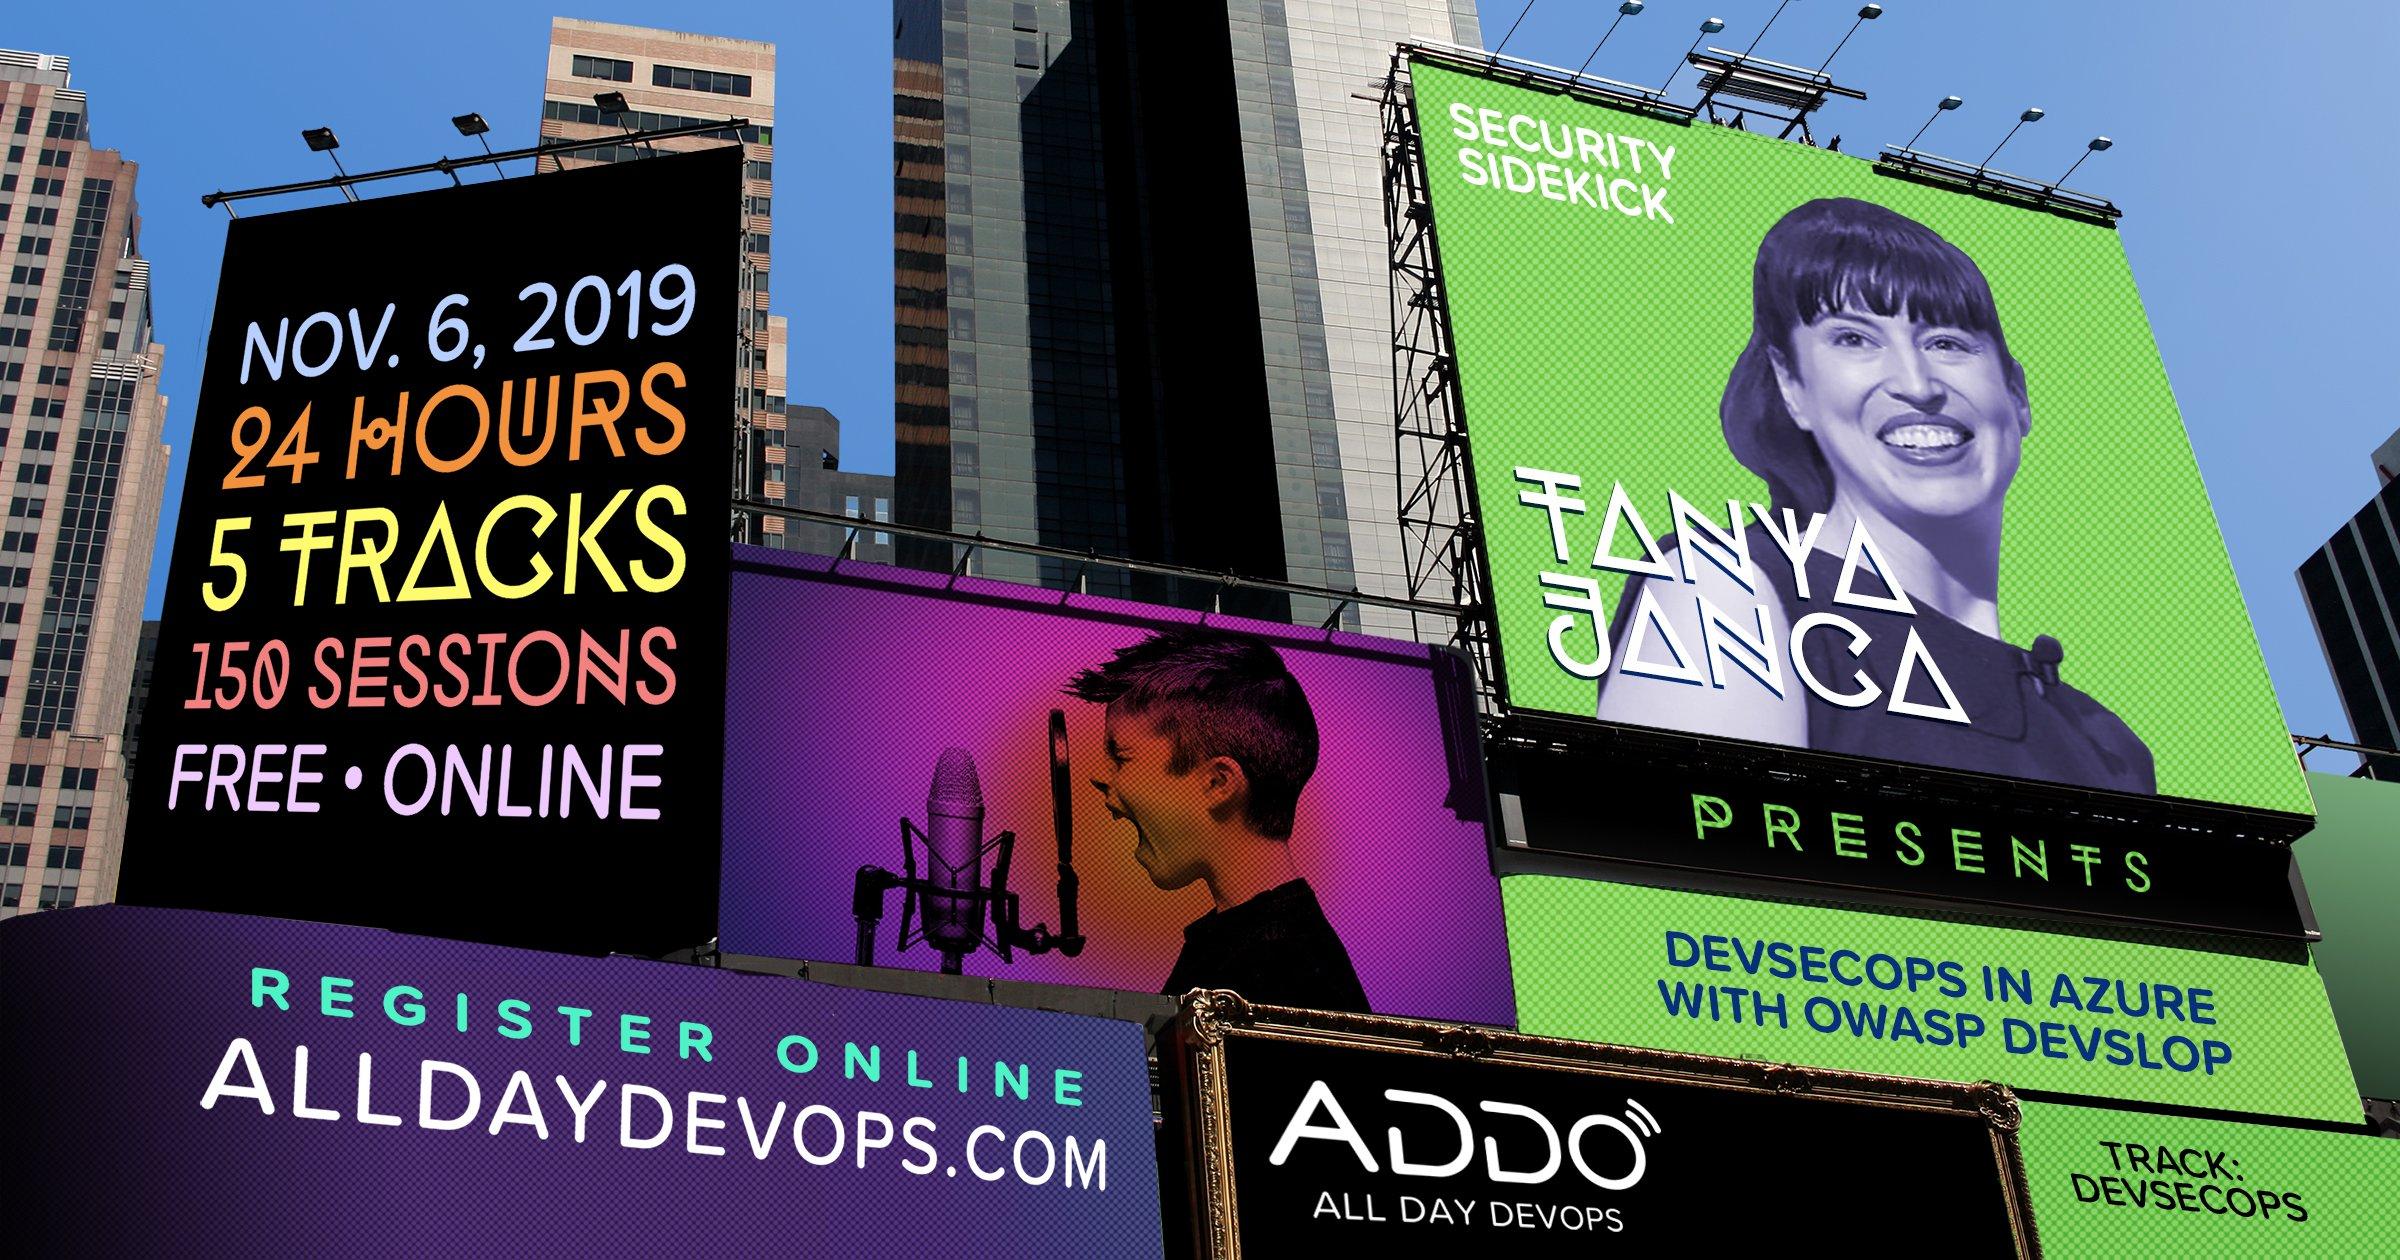 TanyaJanca_Billboard-1